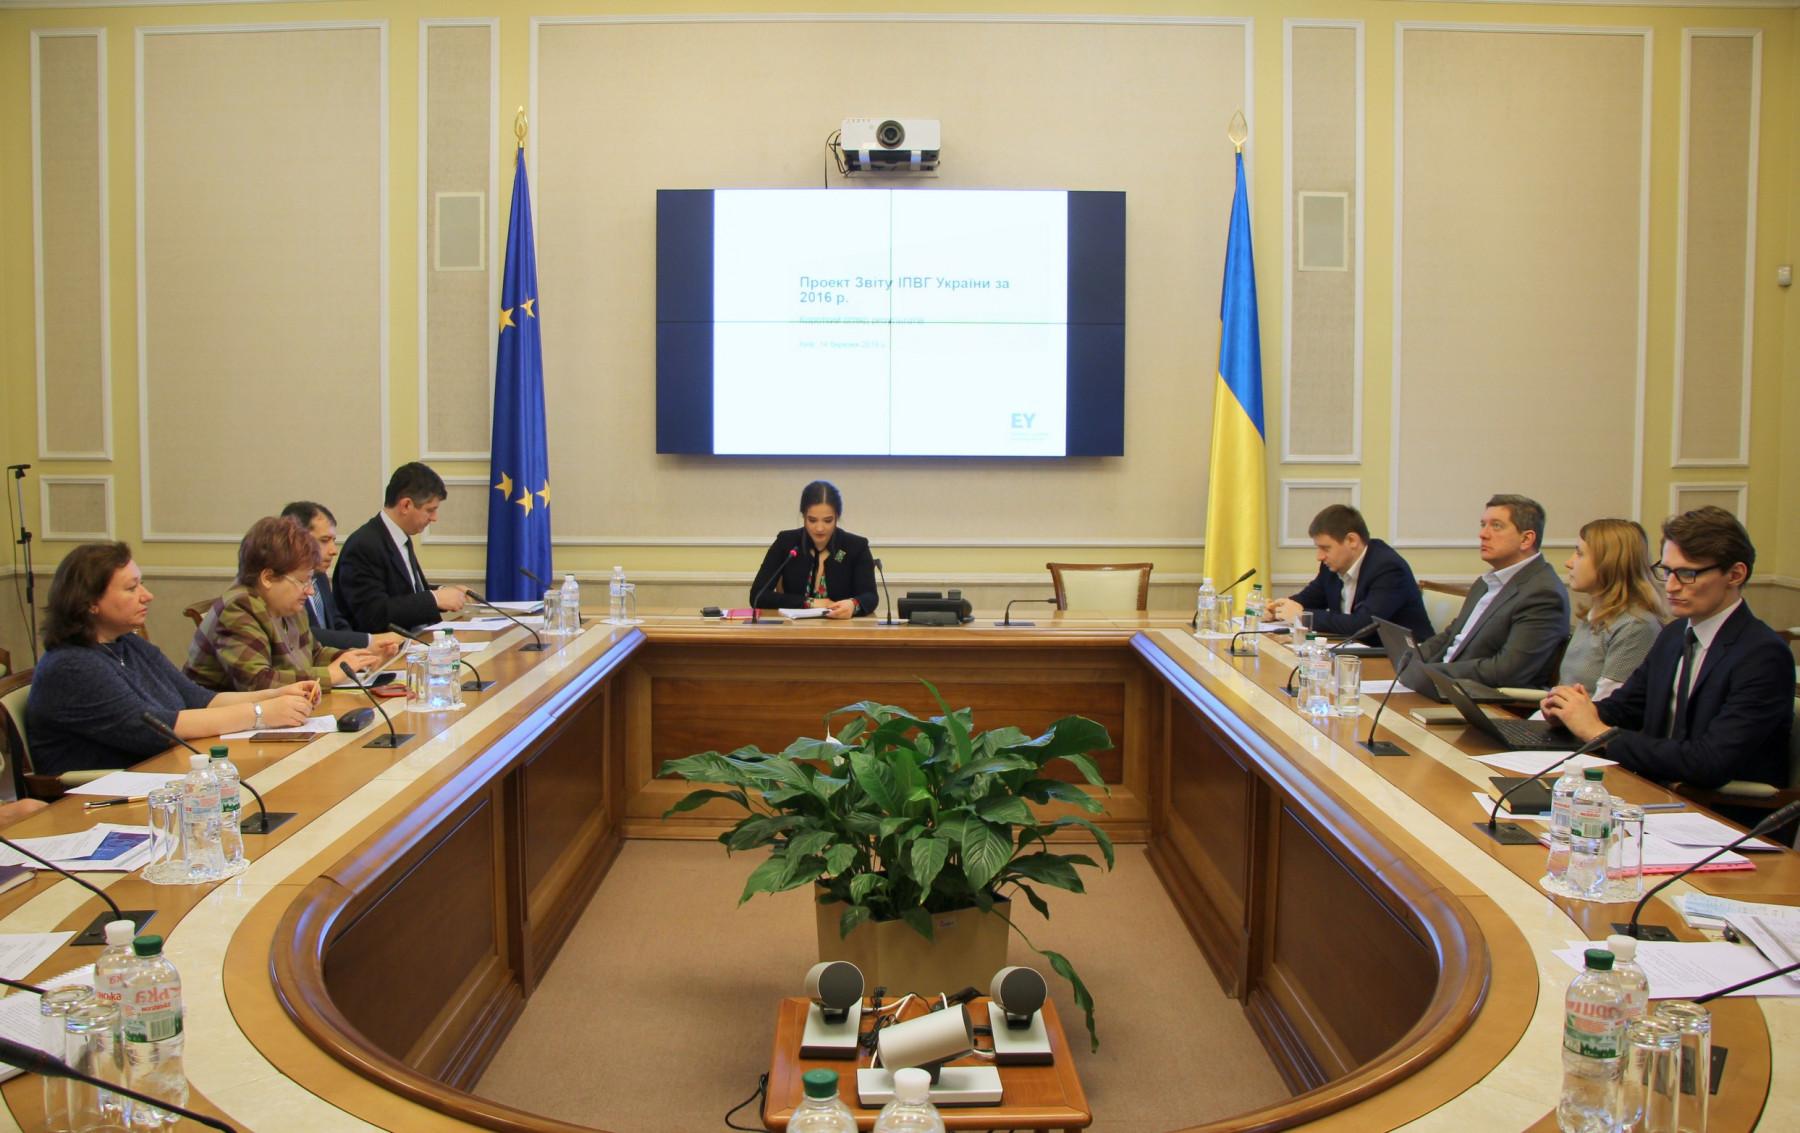 Засідання Багатосторонньої групи заінтересованих осіб (БГЗО)